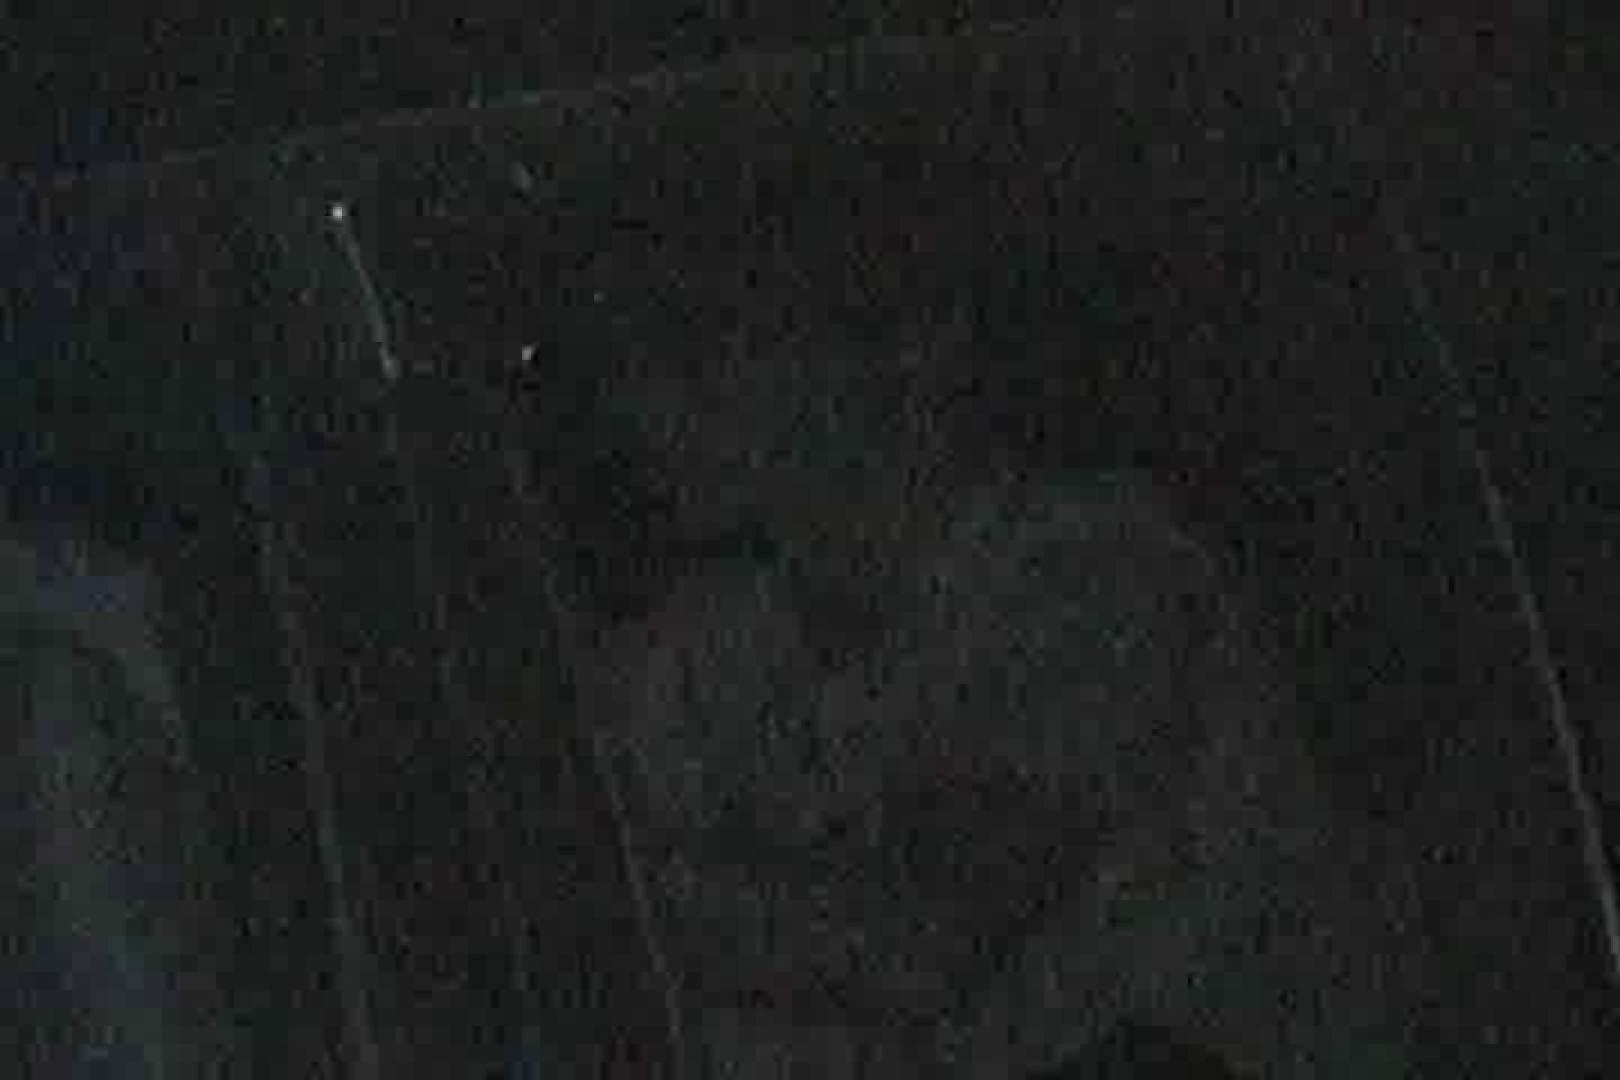 充血監督の深夜の運動会Vol.8 チクビ  98枚 34